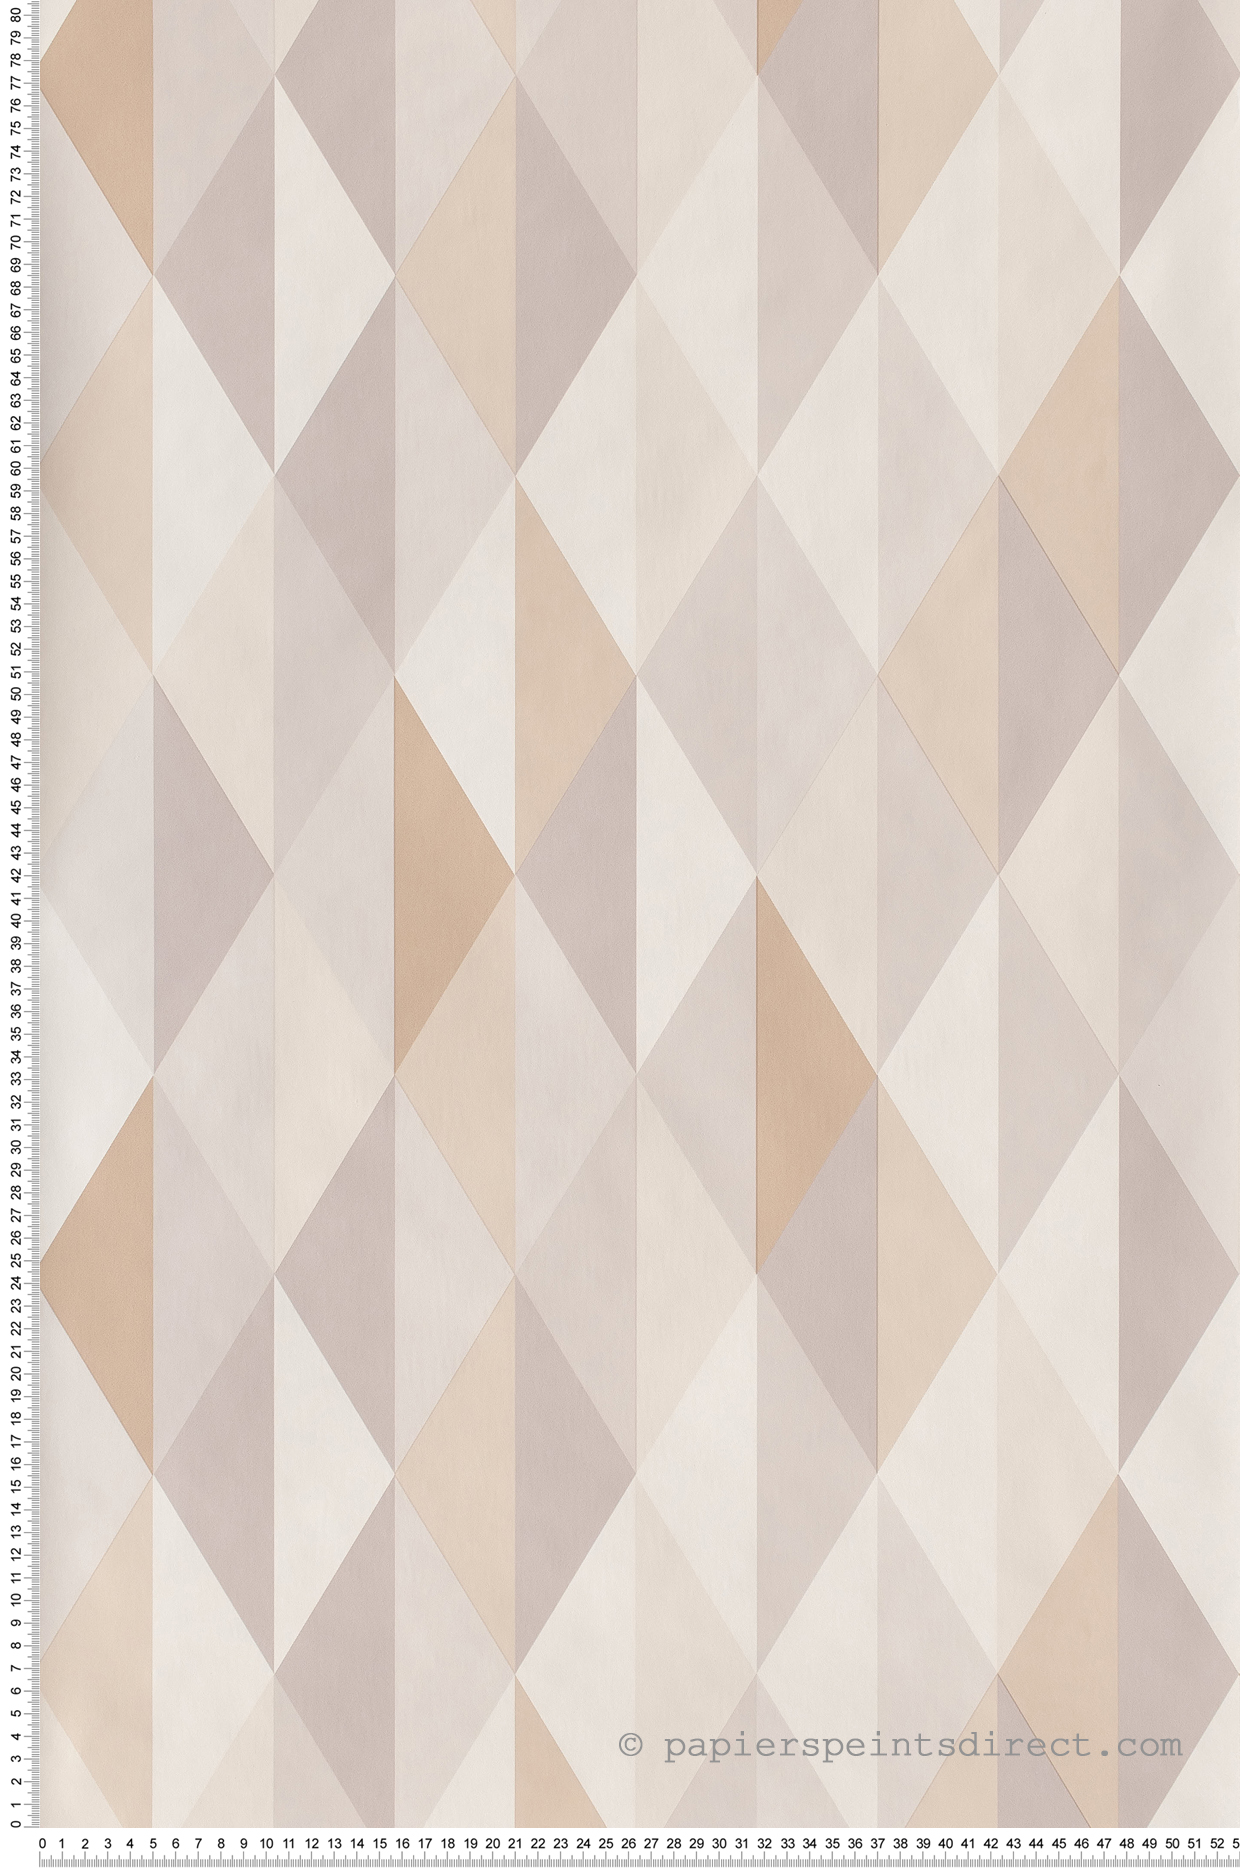 Papier peint Diamond gris beige - Spaces de Casélio | Réf. SPA100081015